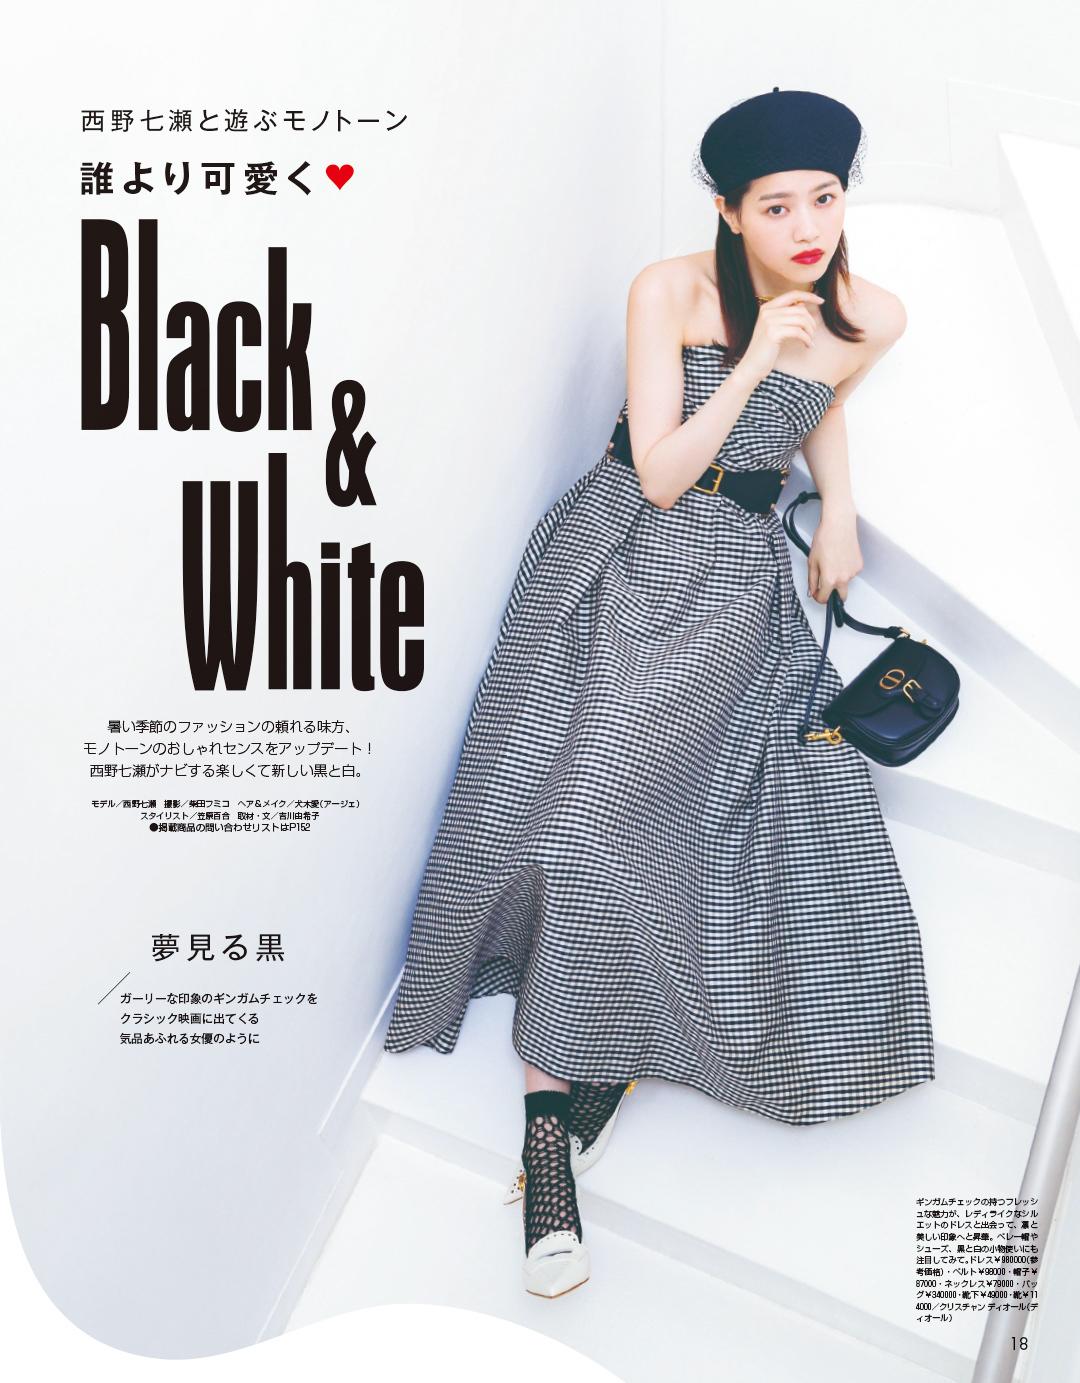 誰より可愛く♡ Black&White